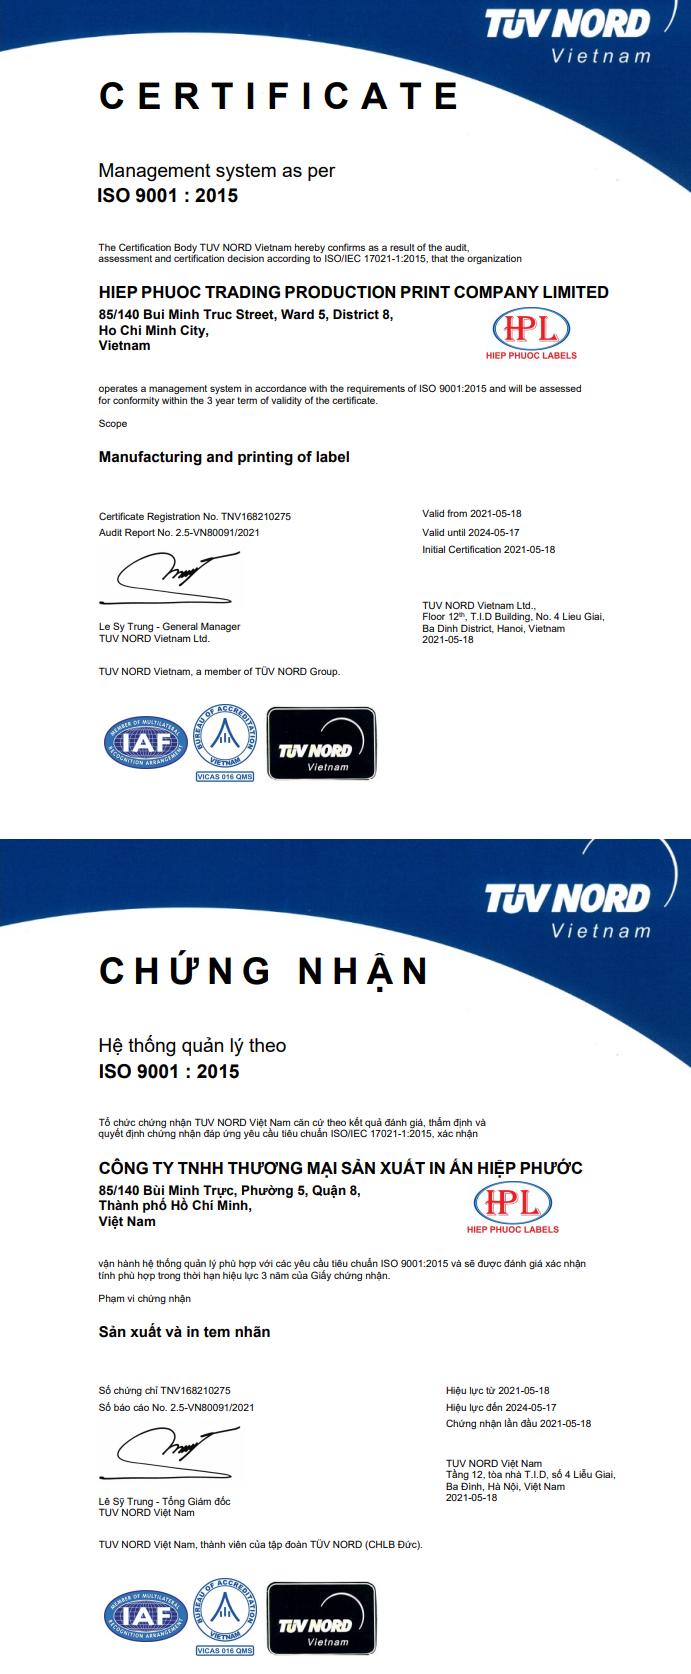 Chứng nhận ISO ̣9001_2005 từ tập đoàn TUV NORD ̣̣CHLB ĐỨCĐ